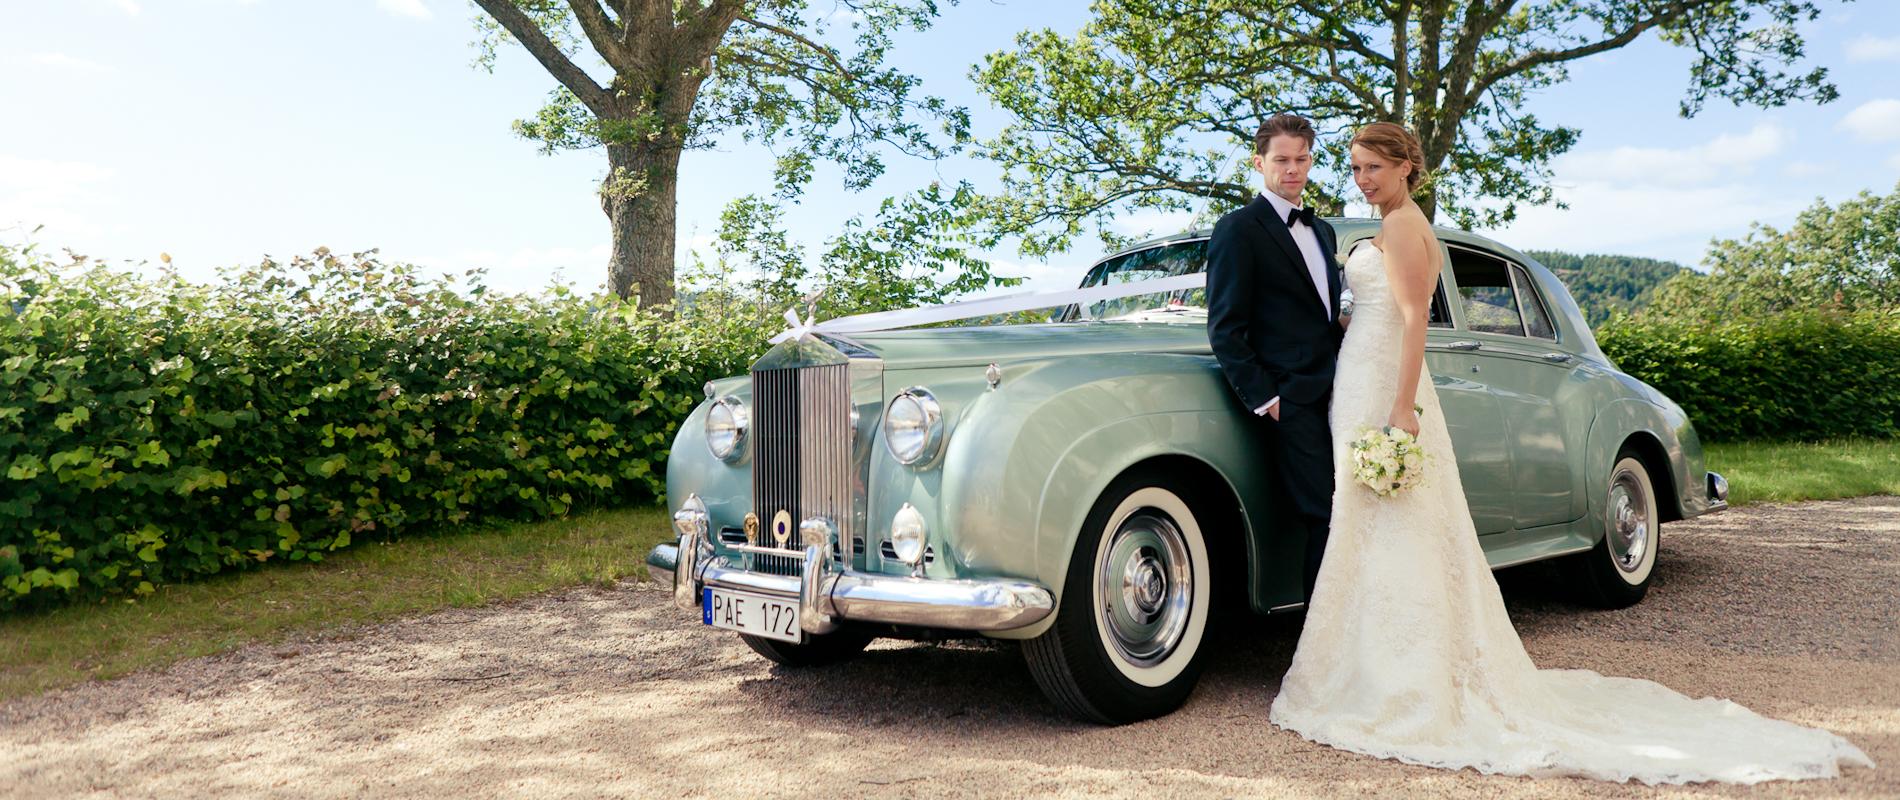 YOUR WEDDING DAY AMAZING